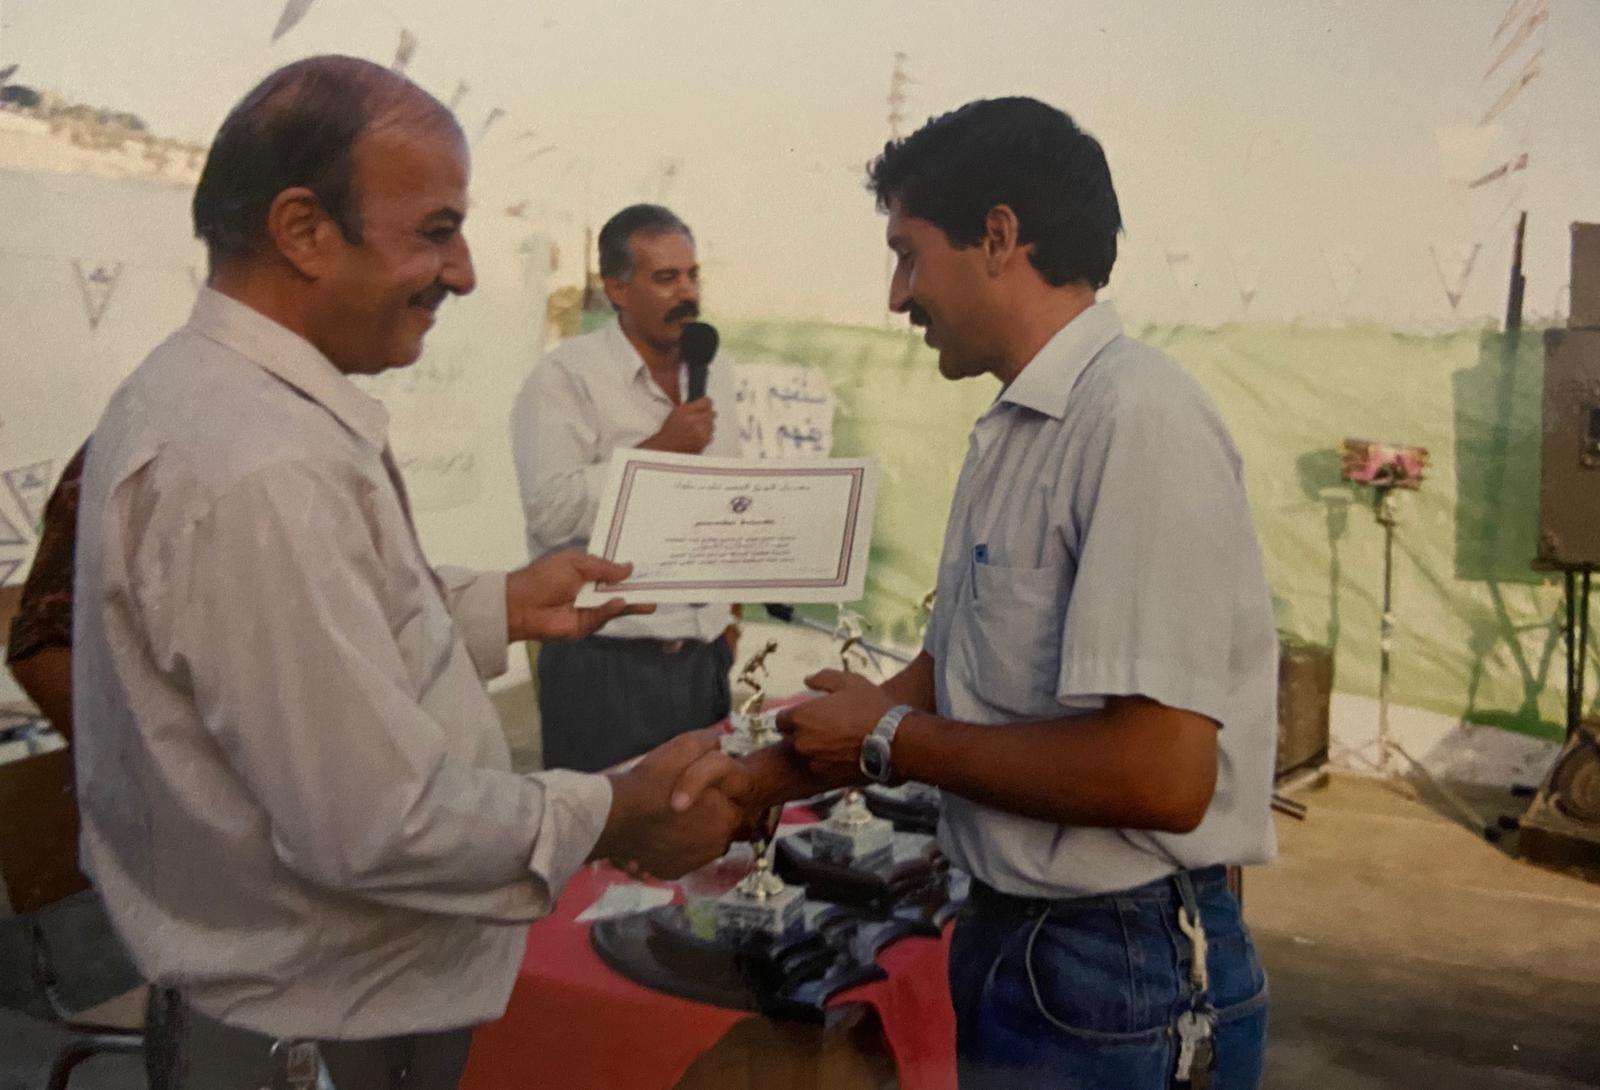 (صورة الغول مع المناضل مراغة خلال الاحتفال باليوبيل الفضي عام 1992)